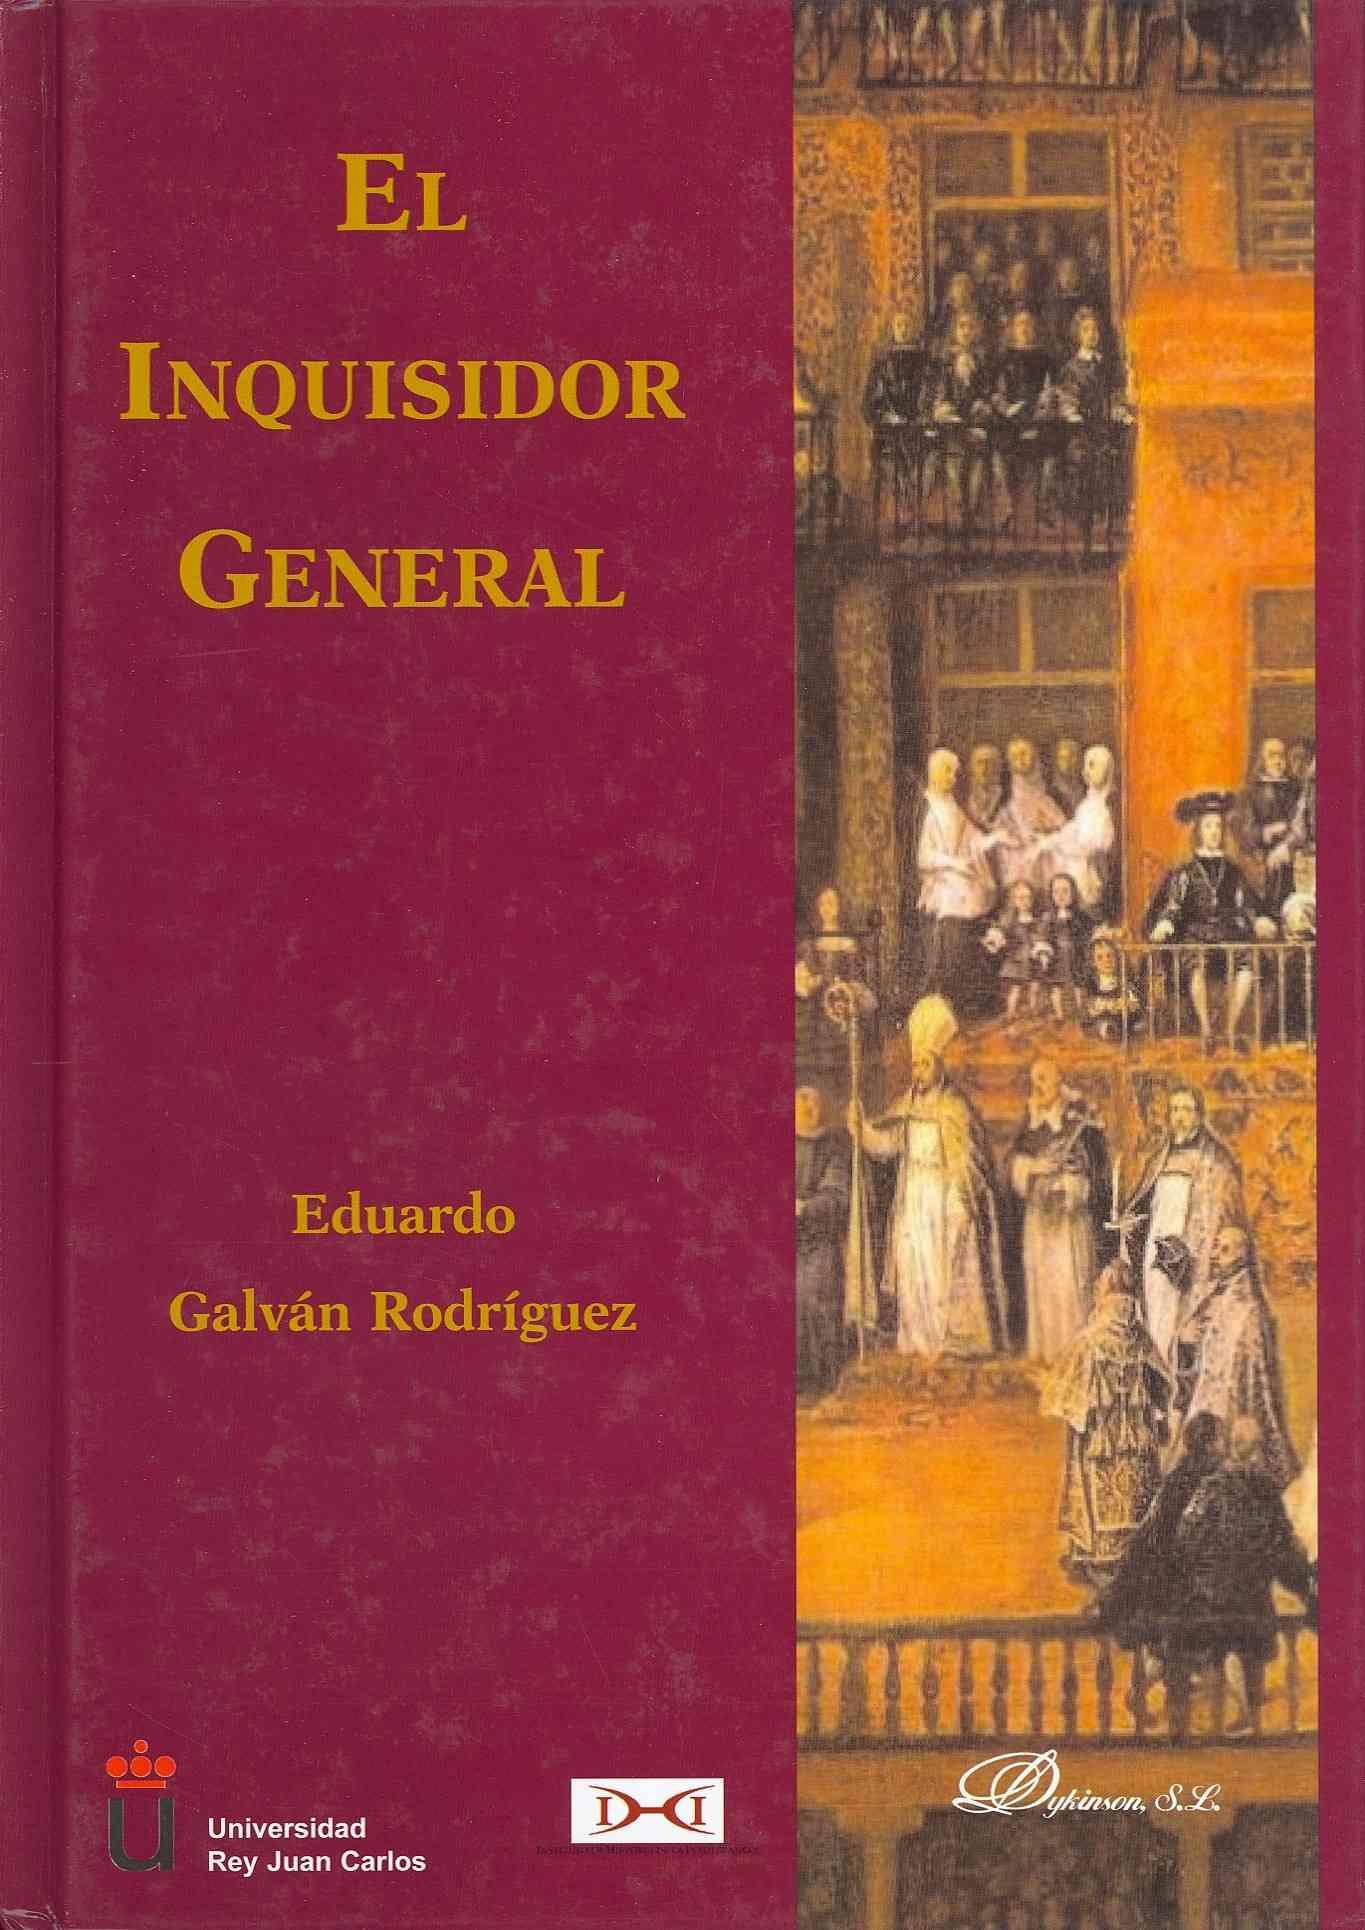 El Inquisidor general / The General Inquisitor By Rodriguez, Eduardo Galvan